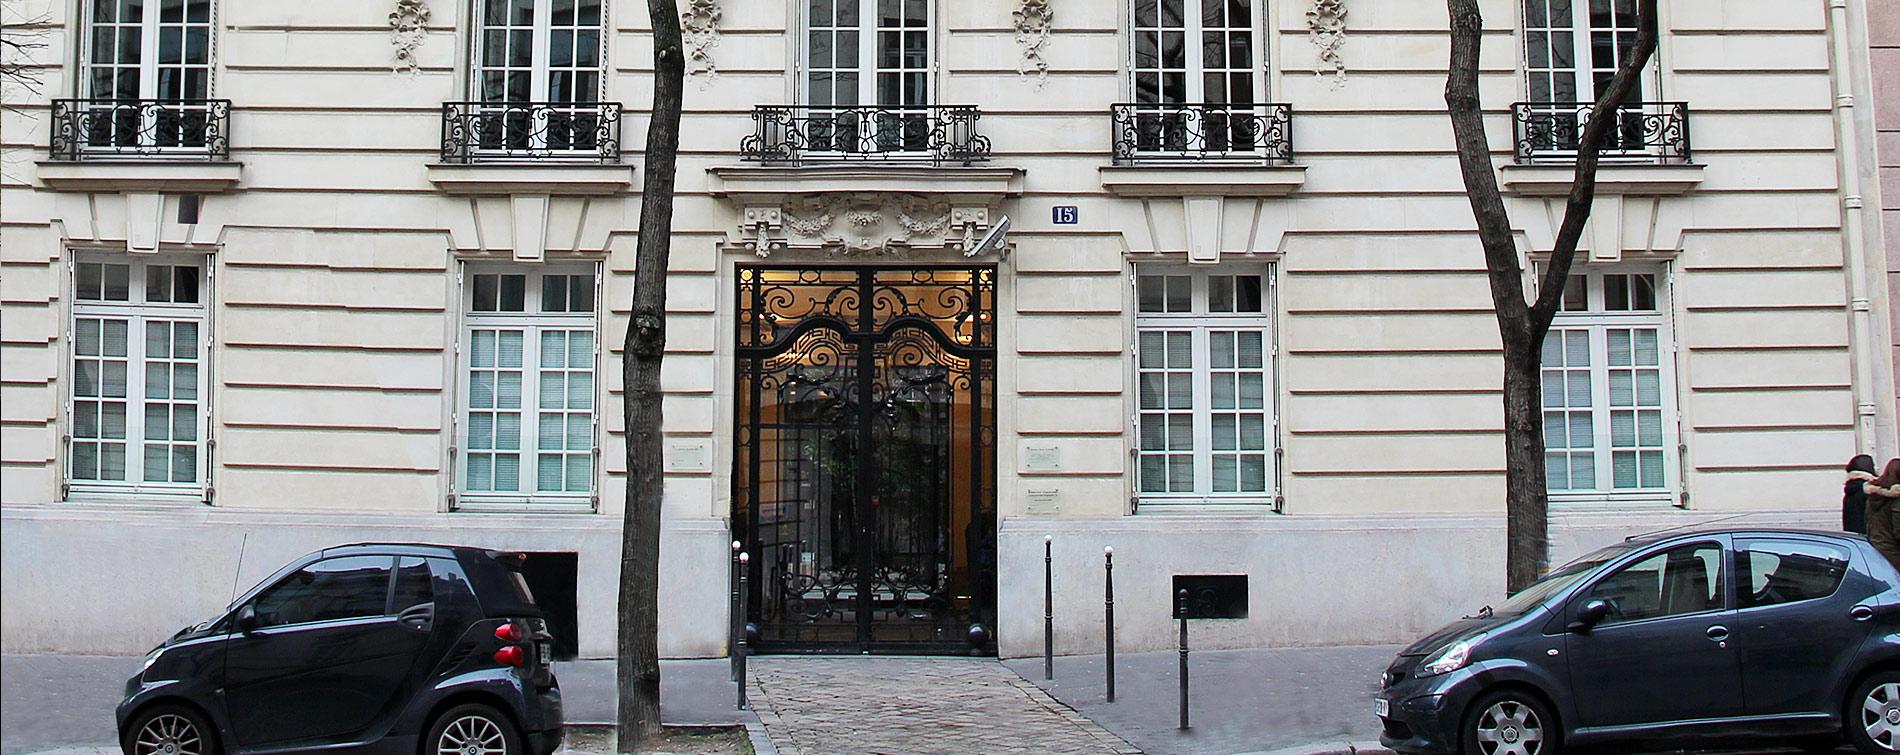 Cabinet de radiologie chographie trocad ro paris 16 - Cabinet radiologie paris ...